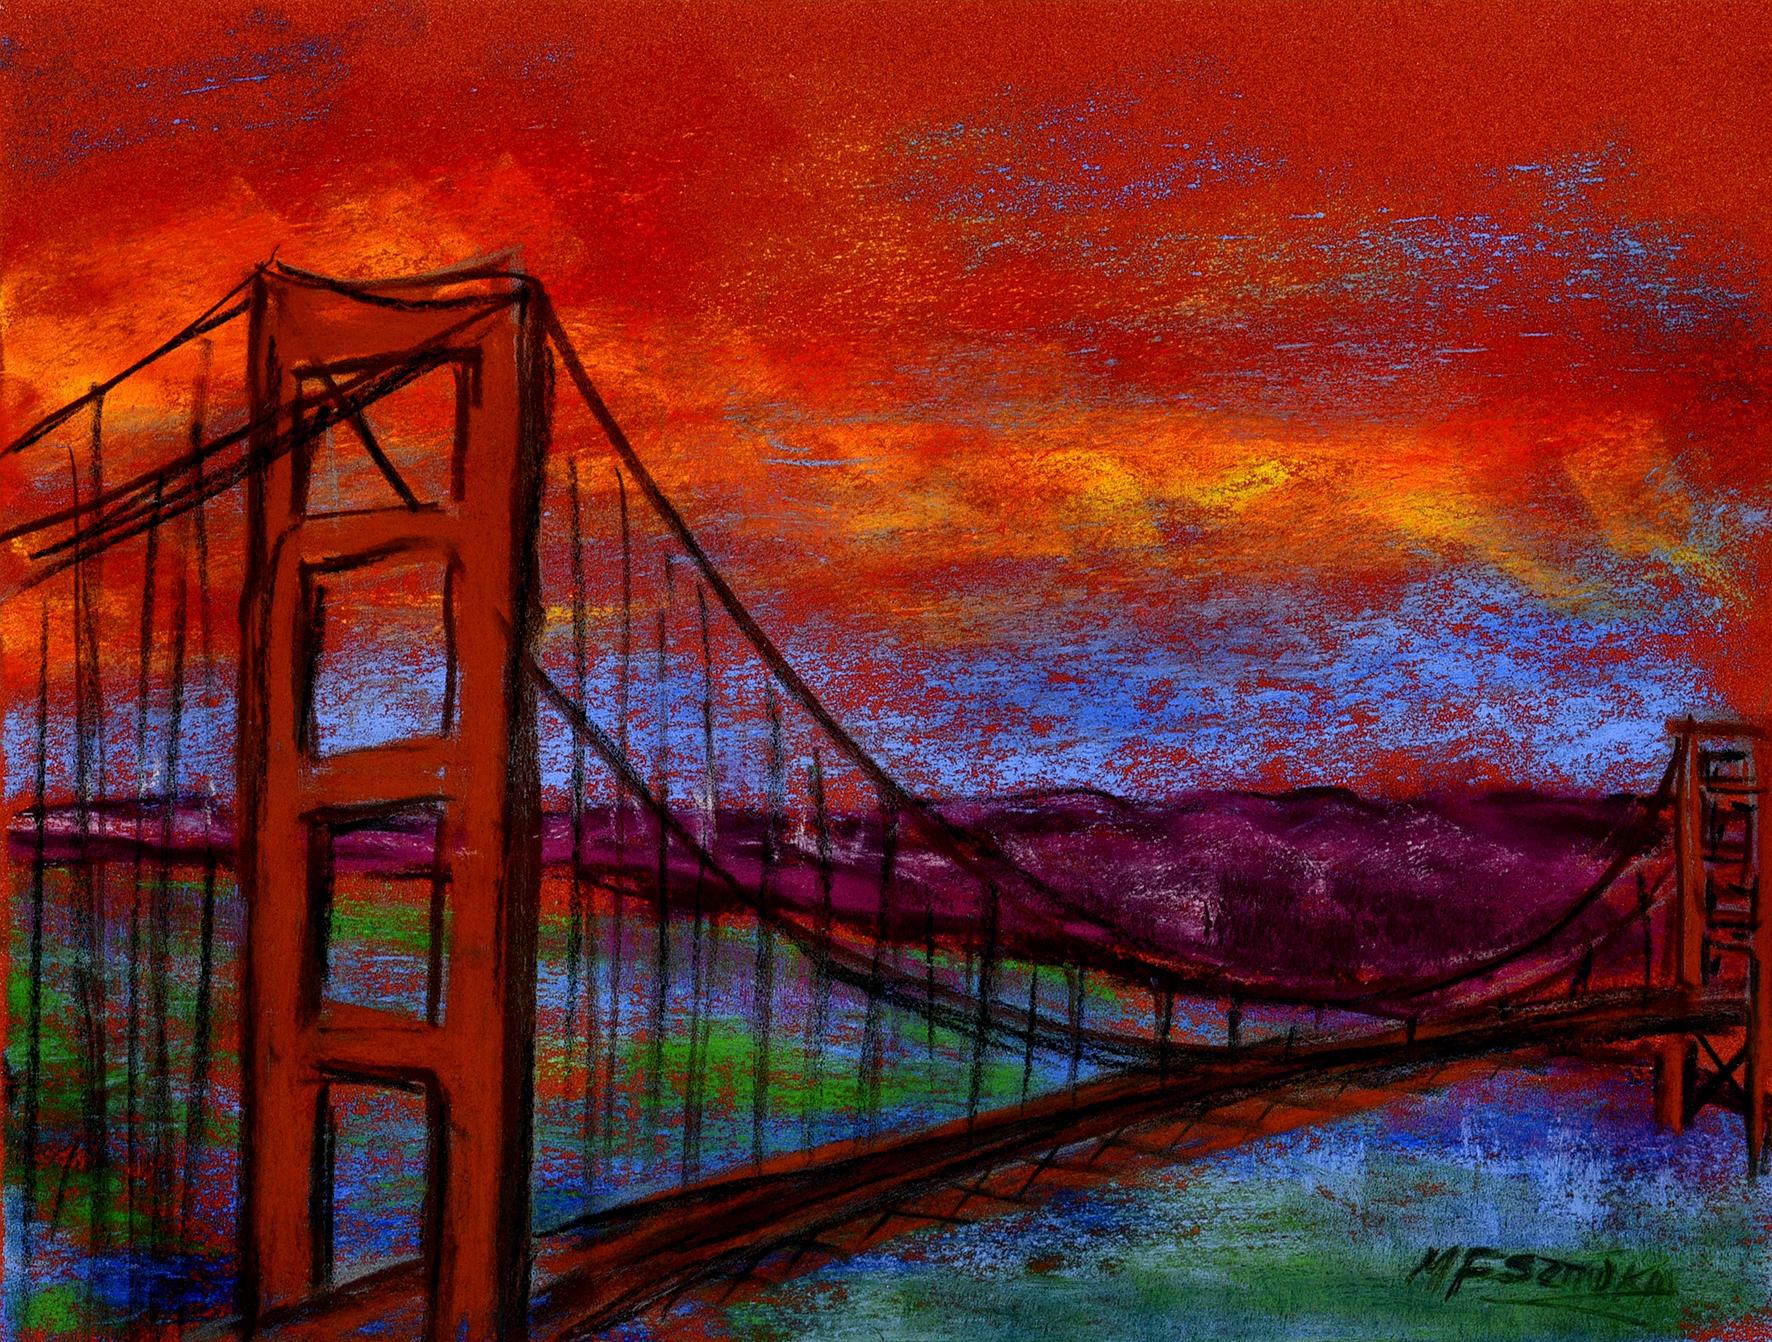 """<span style=""""color: #ff0000;""""><a style=""""color: #ff0000;"""" href=""""mailto:mfsztuka@orange.fr?subject=Défi 15 dessins 15 semaines - Golden Gate Bridge"""">Contacter l'artiste</a></span> Marie-Françoise Sztuka - Golden Gate Bridge - 40 euros (transaction directement avec l'artiste) - pastel sec sur pastel card - 25 x 33 cm"""